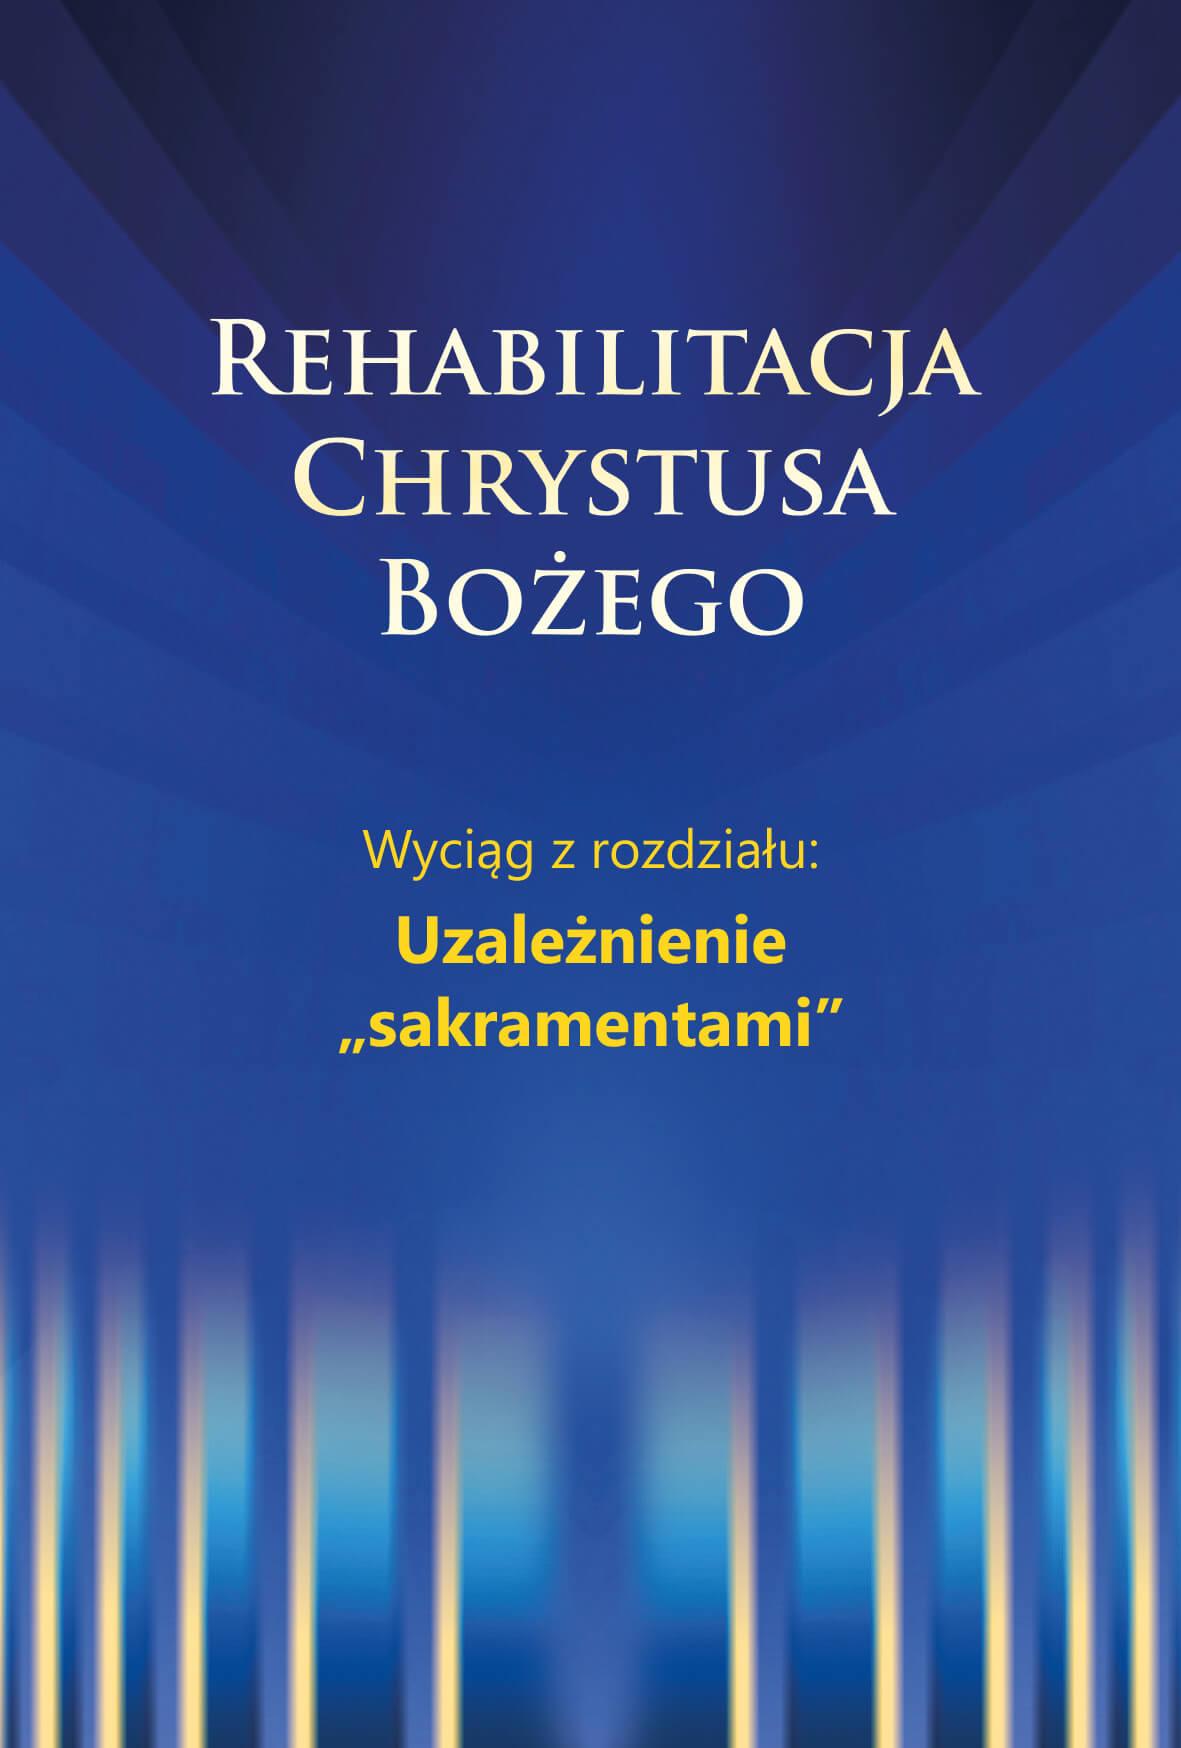 Rehabilitacja Chrystusa Bożego  - Uzależnienie